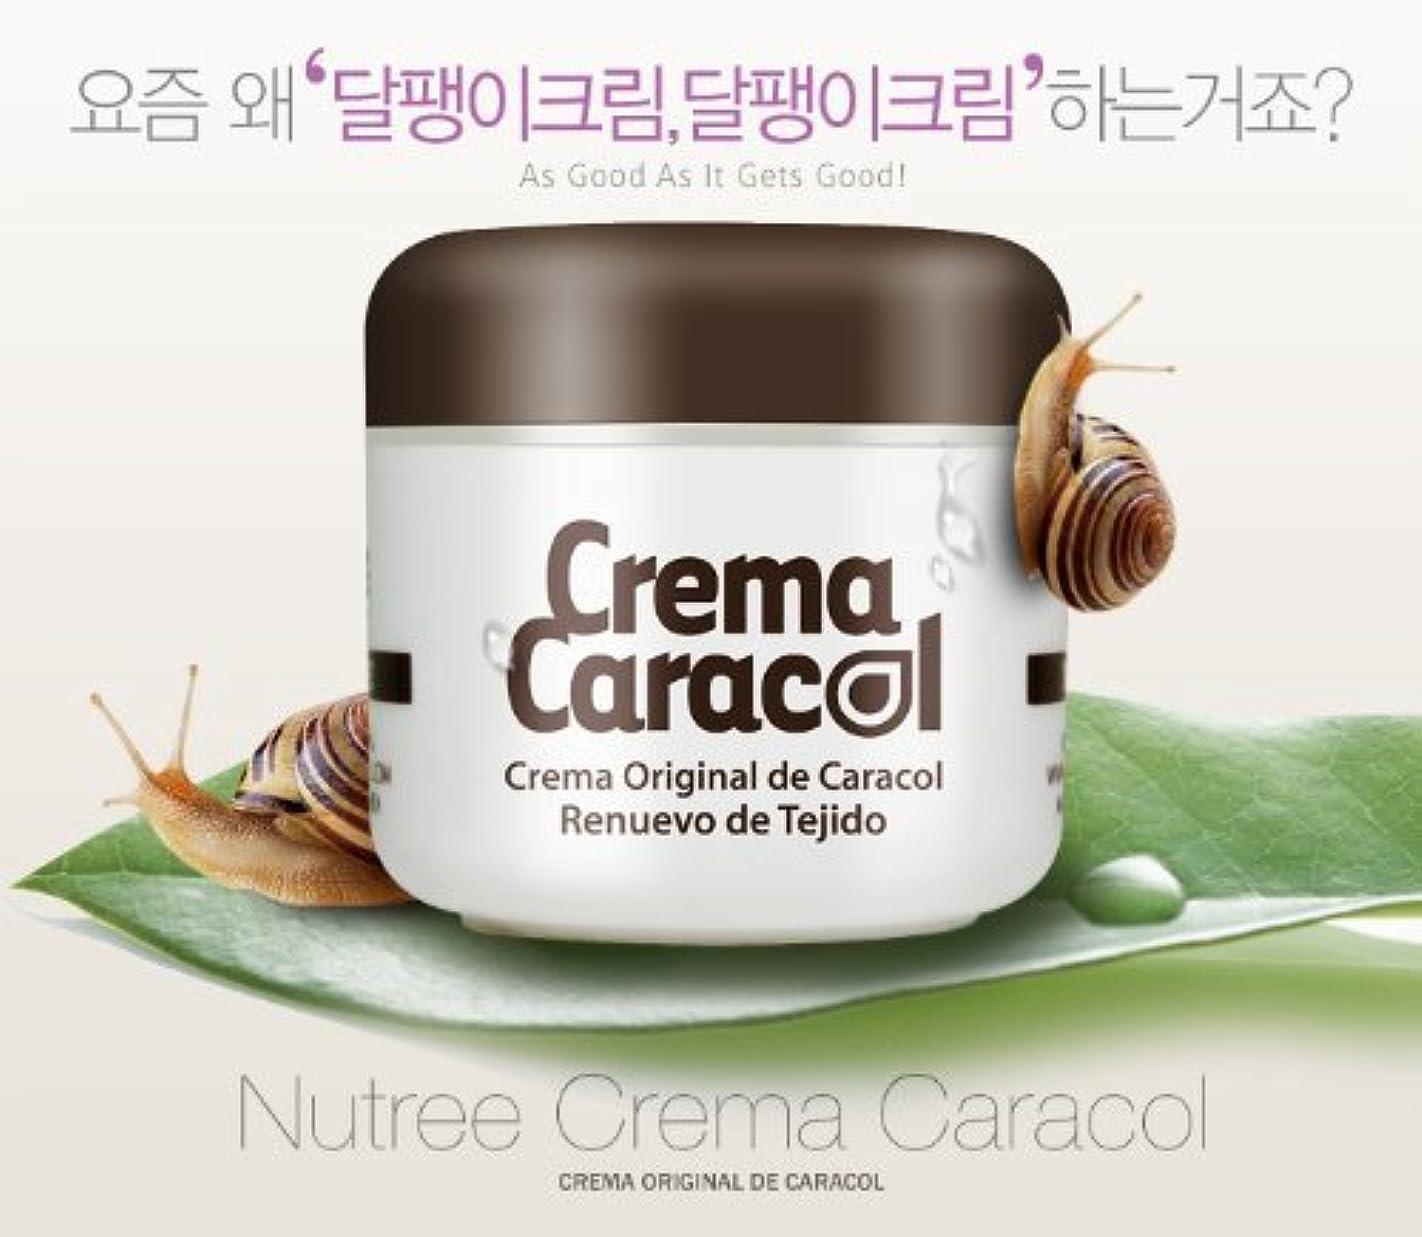 ためらう失望クラウドcrema caracol(カラコール) かたつむりクリーム 5個セット